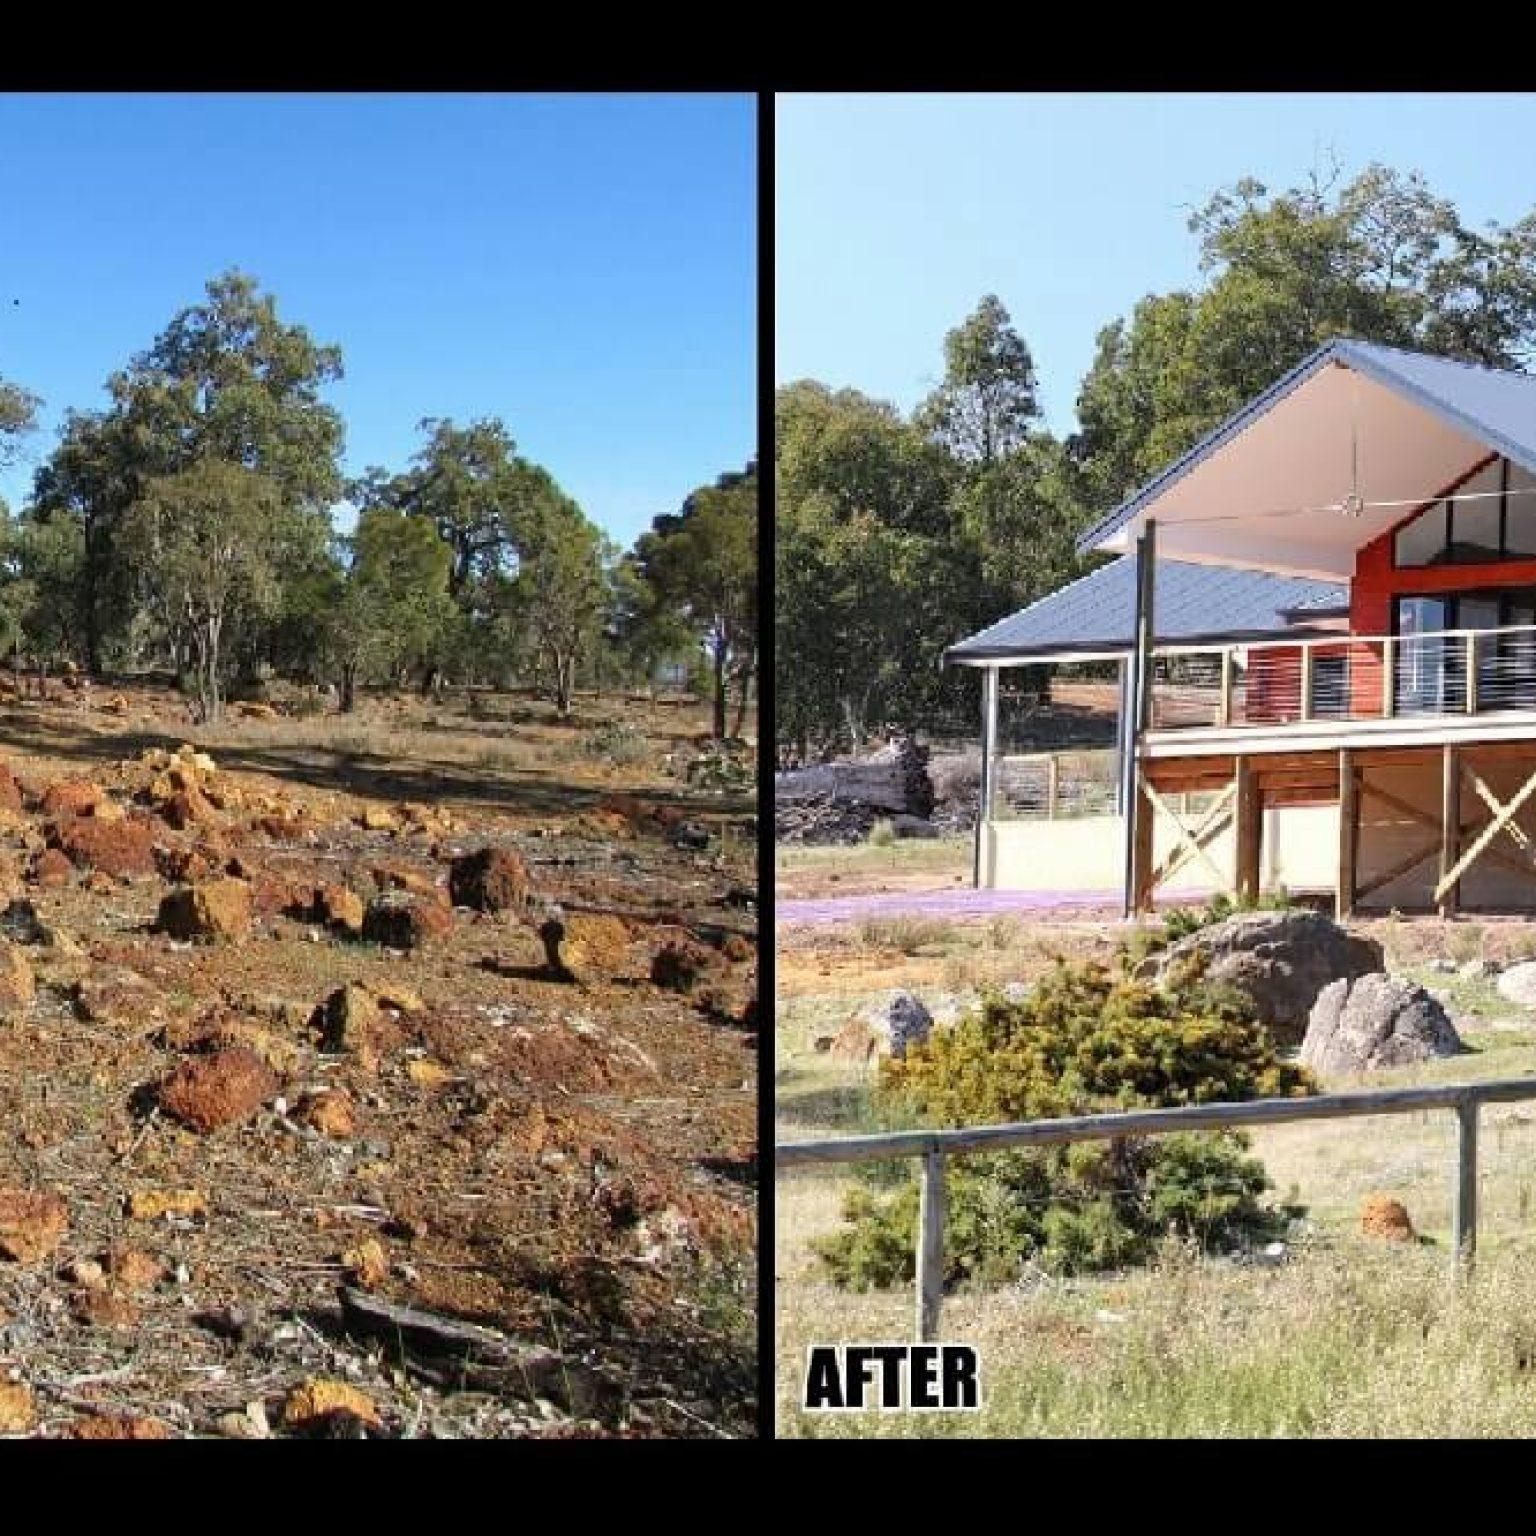 Rocky difficult site in Brigadoon, Western Australia